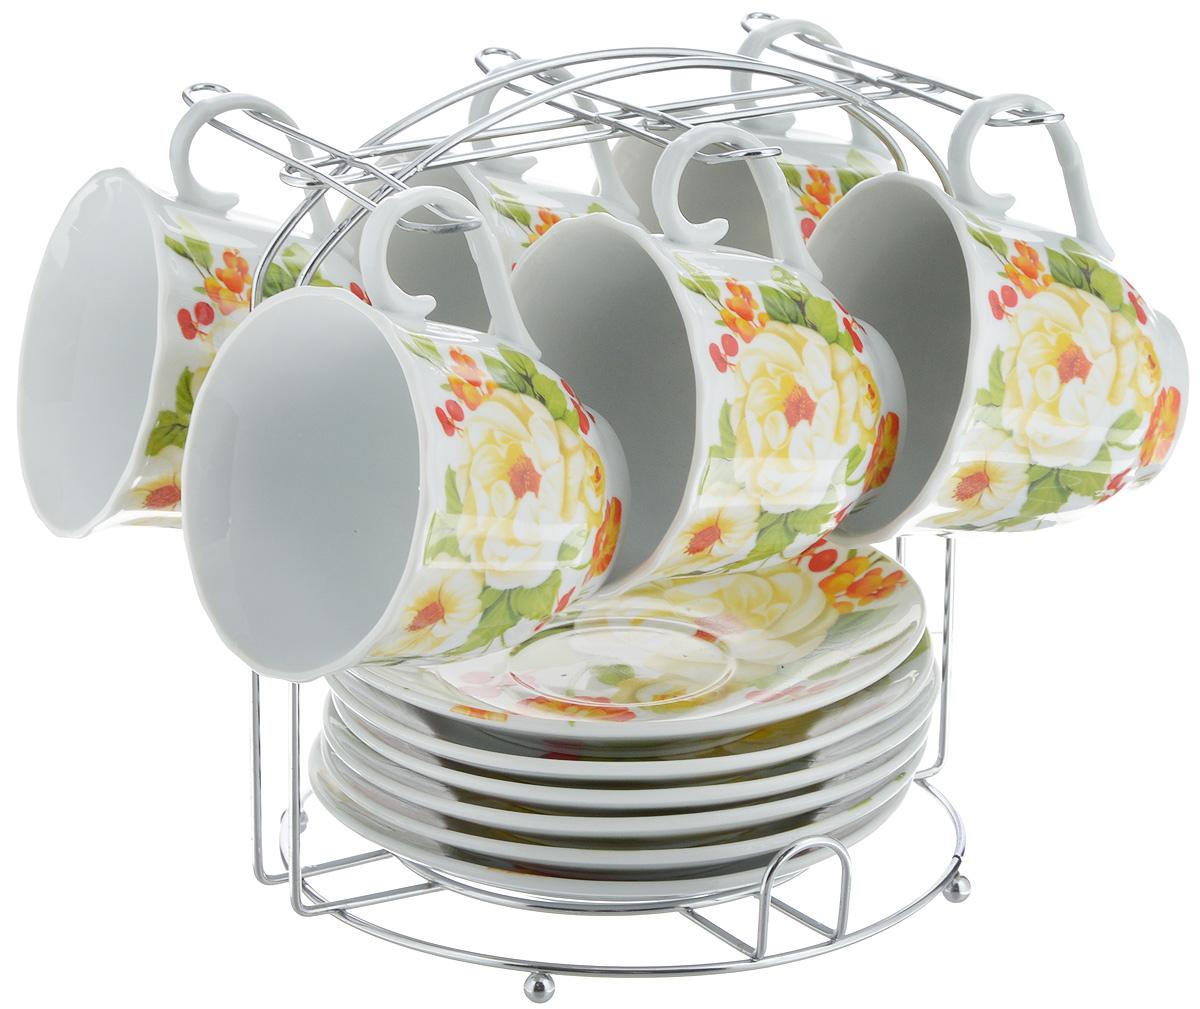 Набор чайный Bella, 13 предметов. DL-F6MS-178DL-F6MS-178Набор Bella состоит из 6 чашек и 6 блюдец, изготовленных из высококачественного фарфора. Чашки оформлены красочным рисунком. Изделия расположены на металлической подставке. Такой набор подходит для подачи чая или кофе.Изящный дизайн придется по вкусу и ценителям классики, и тем, кто предпочитает современный стиль. Он настроит на позитивный лад и подарит хорошее настроение с самого утра. Чайный набор Bella - идеальный и необходимый подарок для вашего дома и для ваших друзей в праздники.Объем чашки: 220 мл. Диаметр чашки (по верхнему краю): 8 см. Высота чашки: 7 см. Диаметр блюдца: 14 см. Высота блюдца: 2,3 см.Размер подставки: 17 х 16,5 х 19 см.